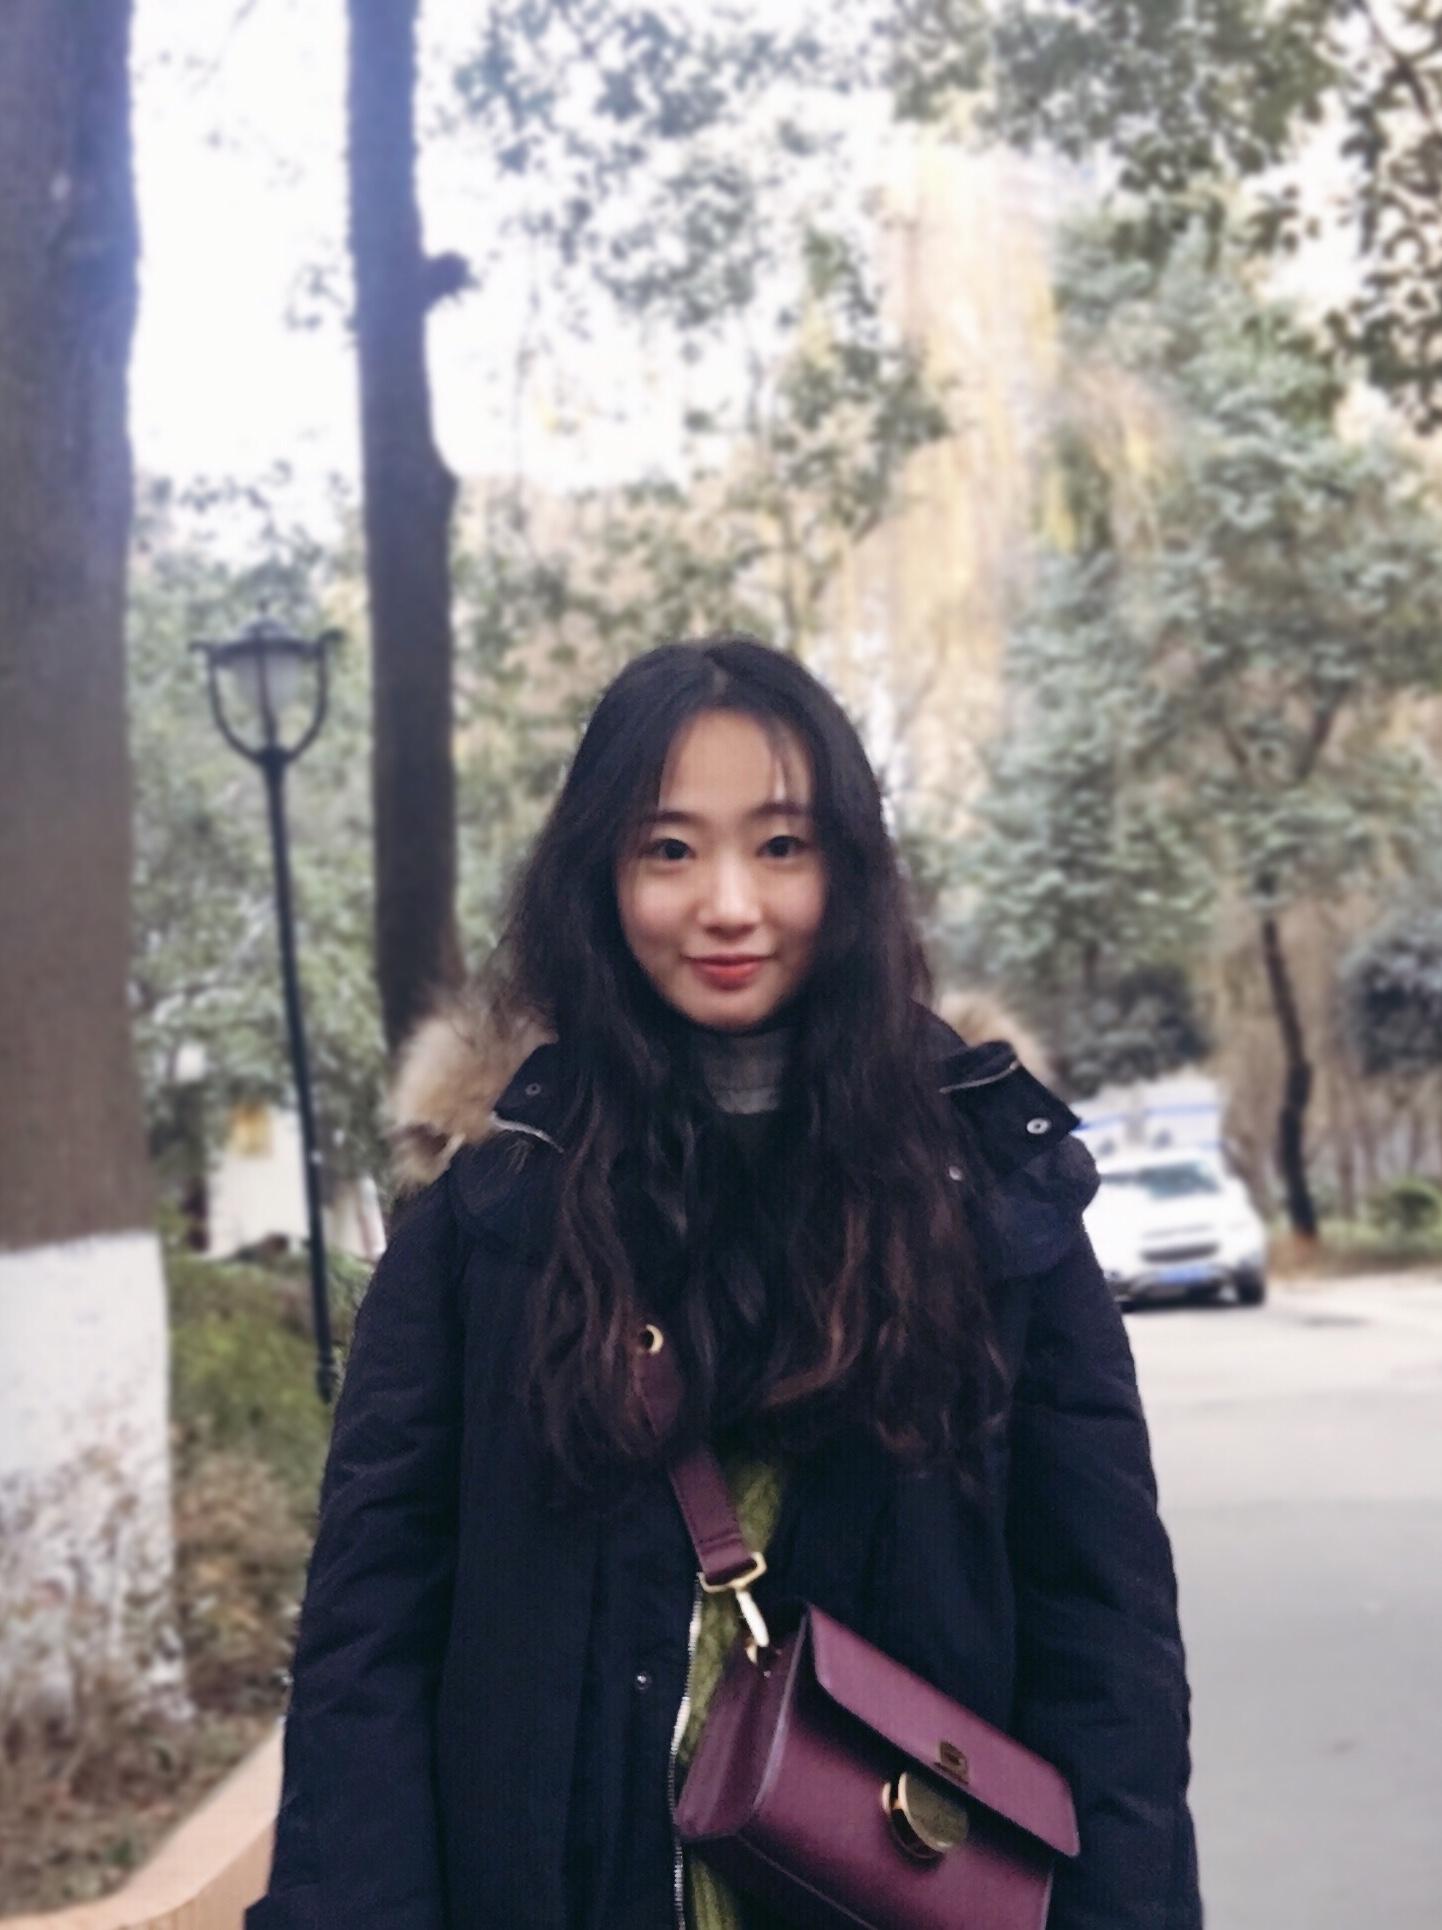 Yiman Li